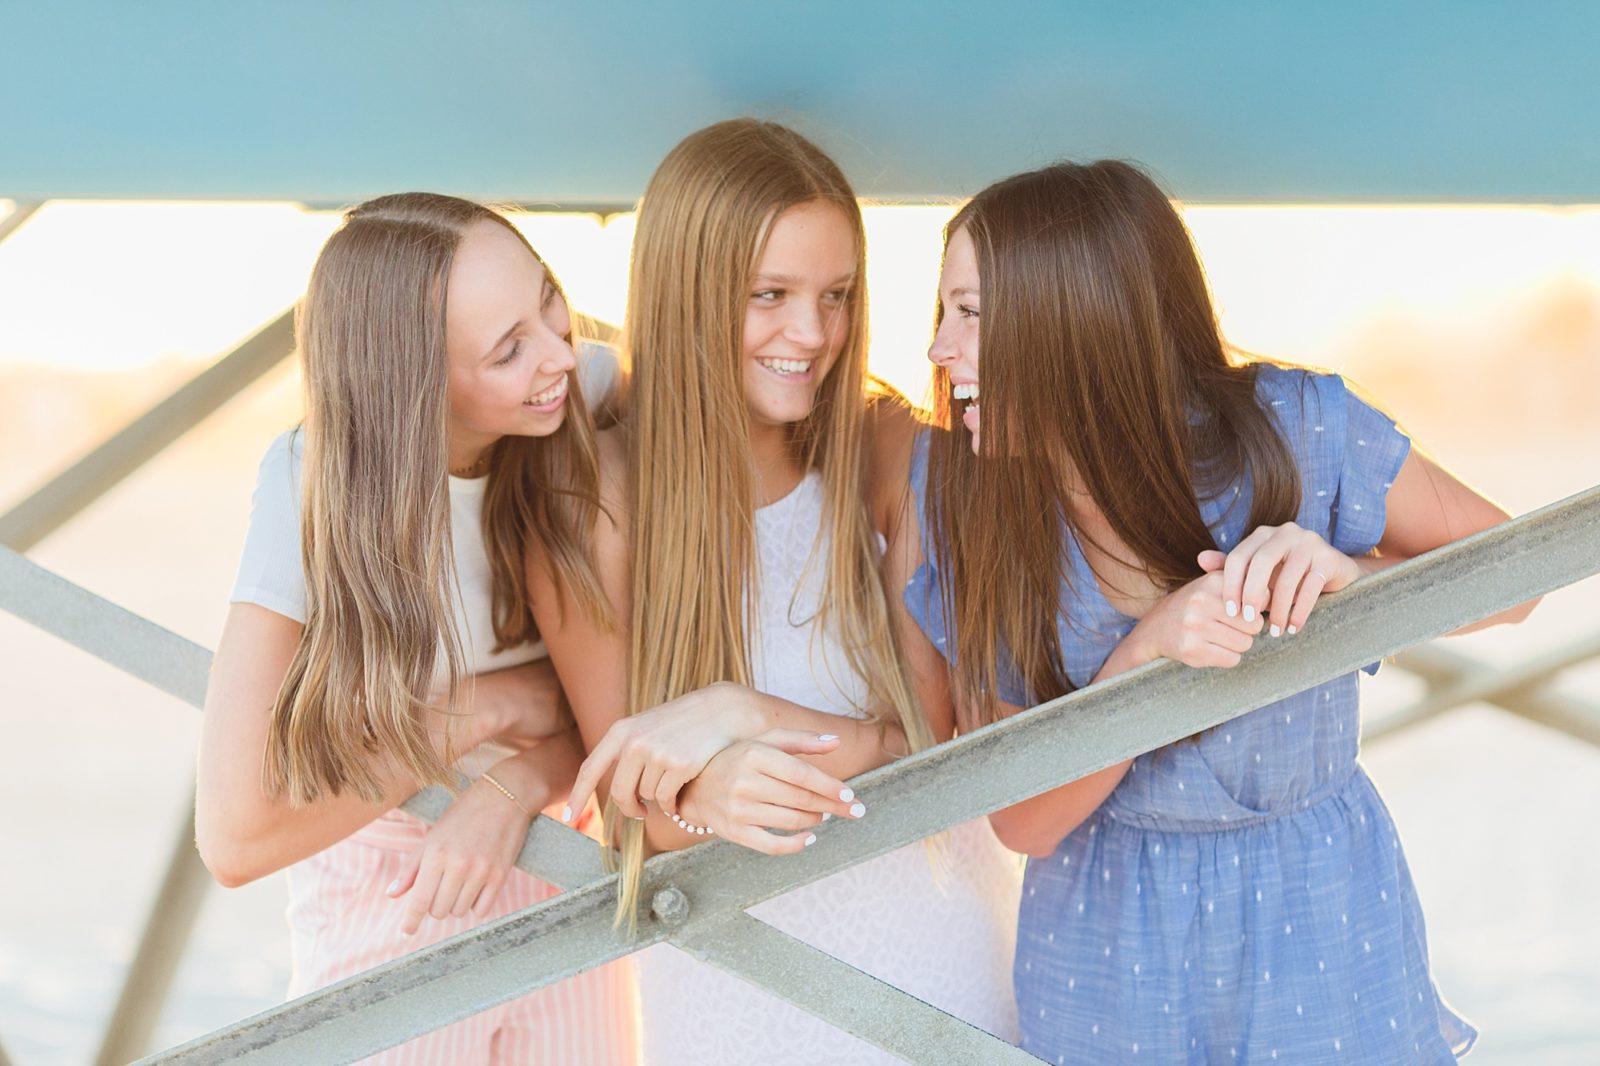 Friend Photos | Family Photography San Diego